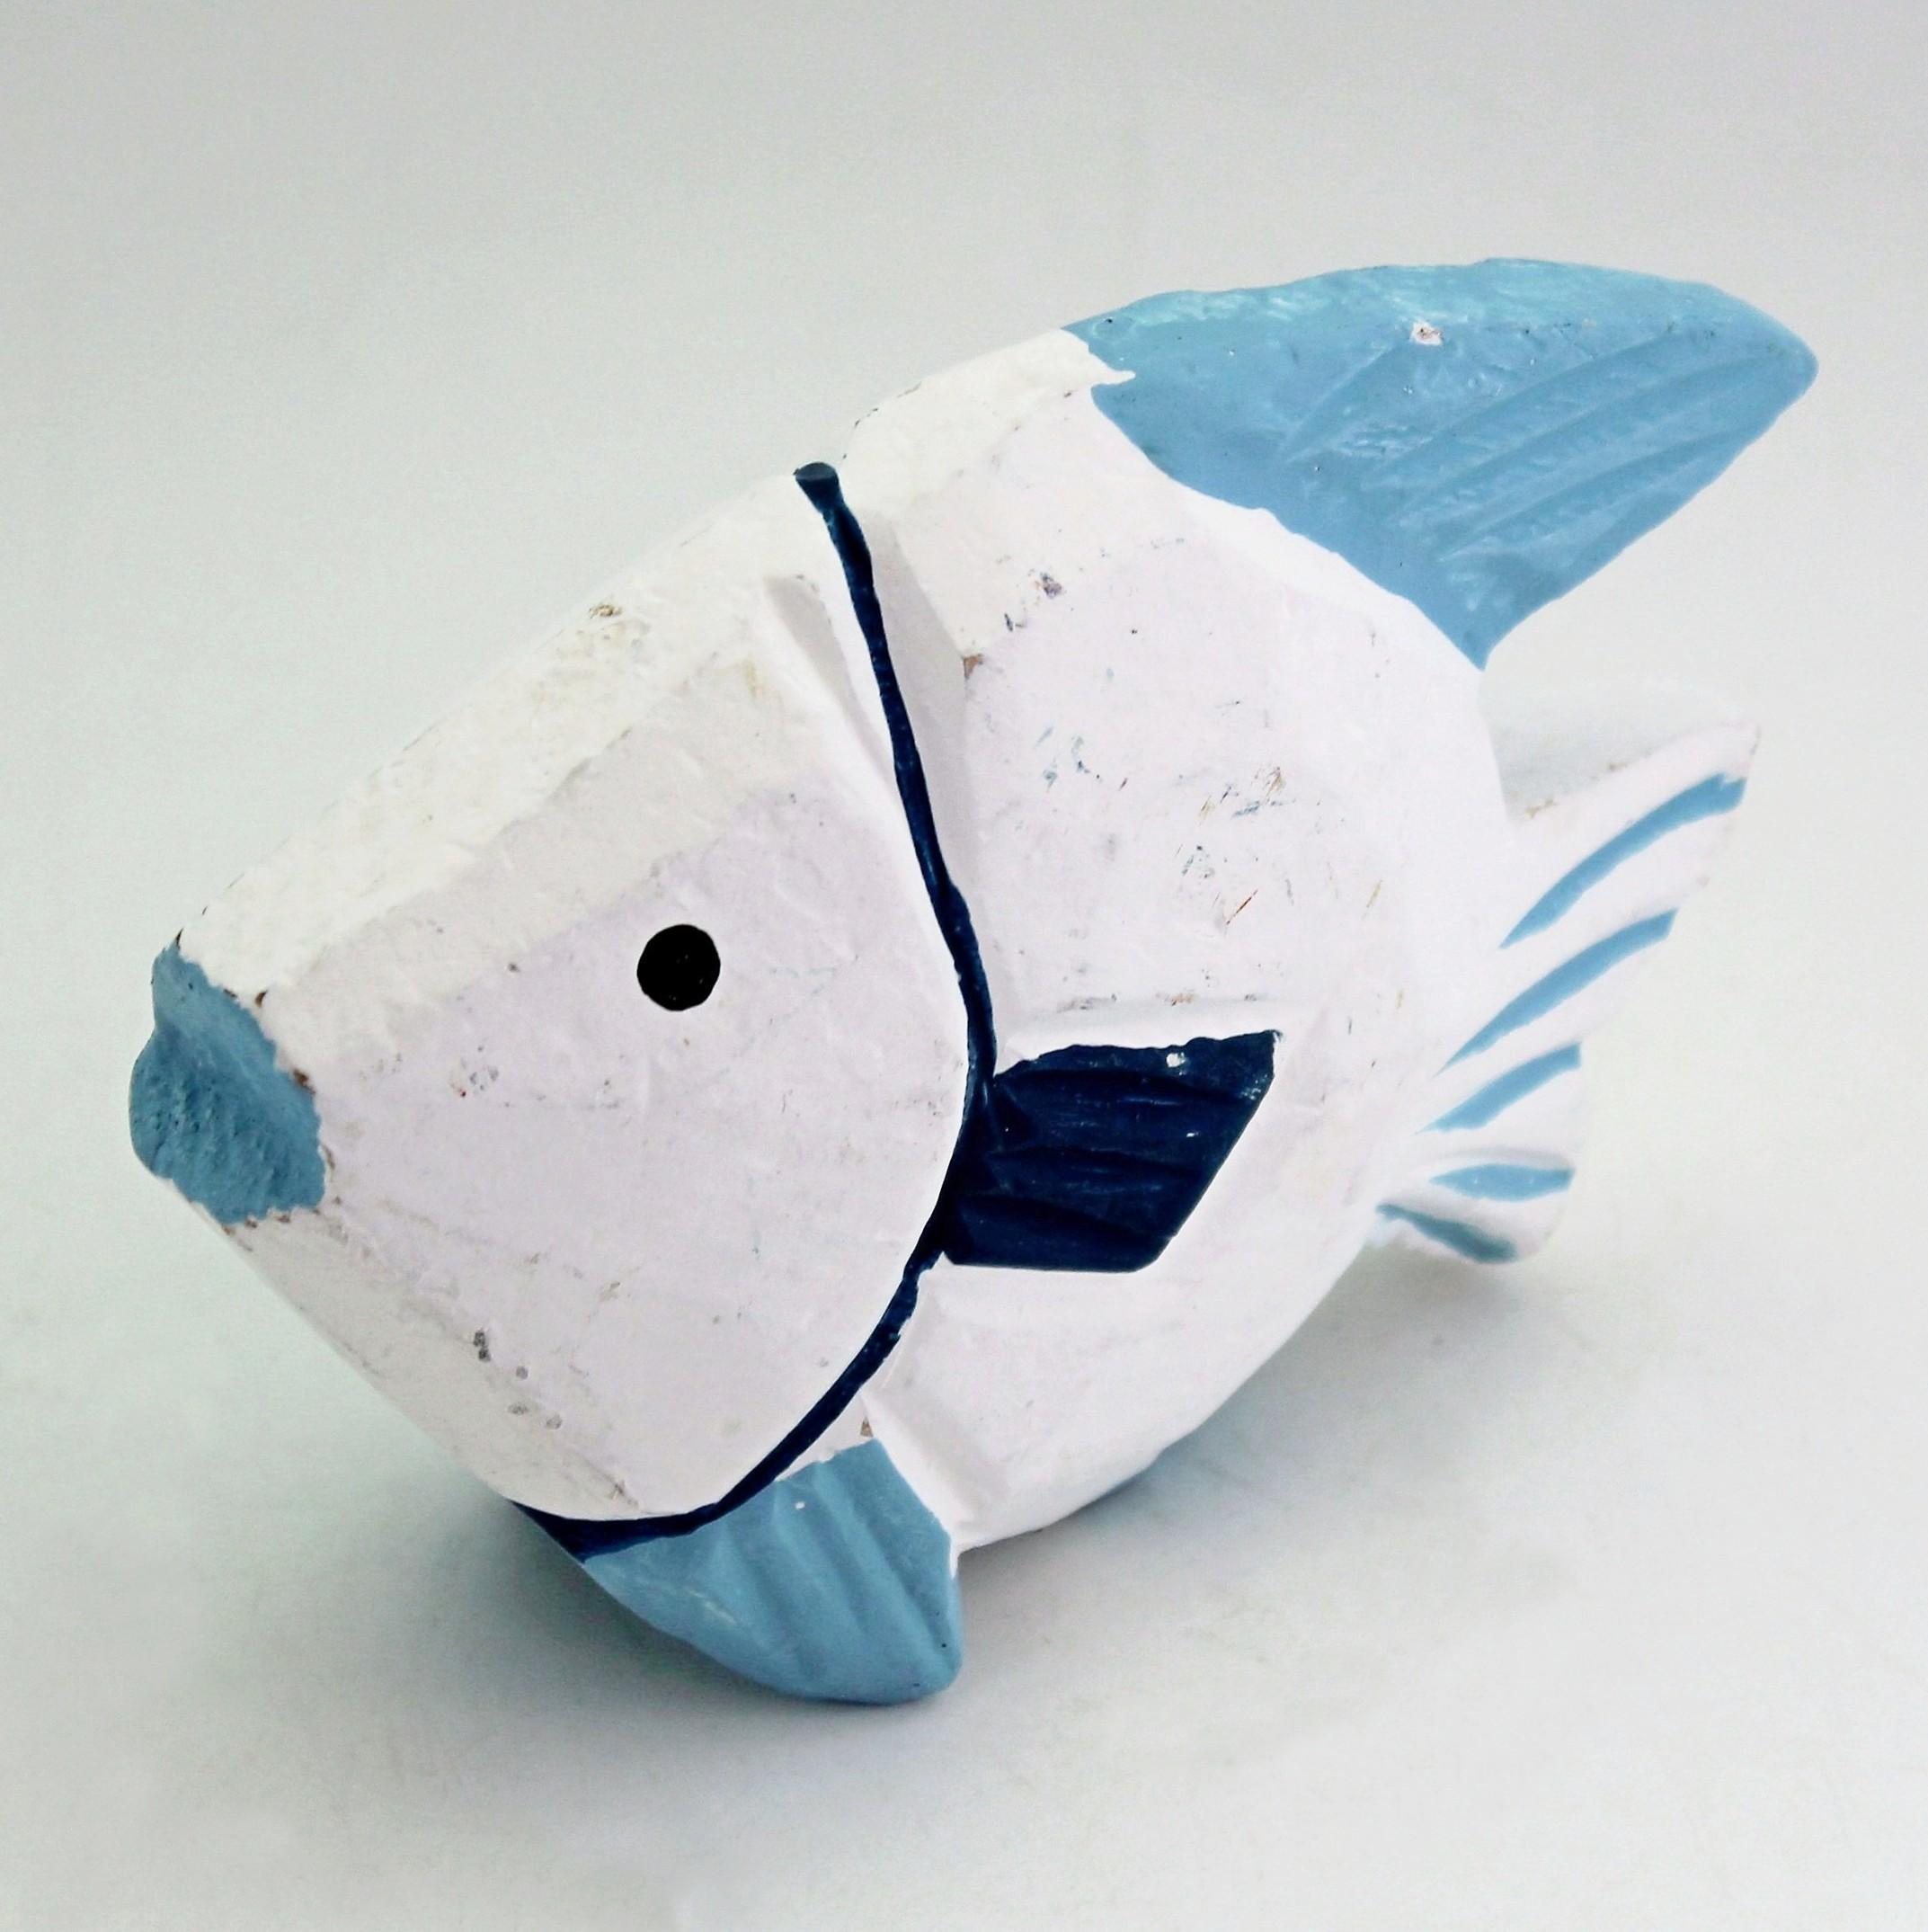 Ryba dřevěná 14x5x10cm